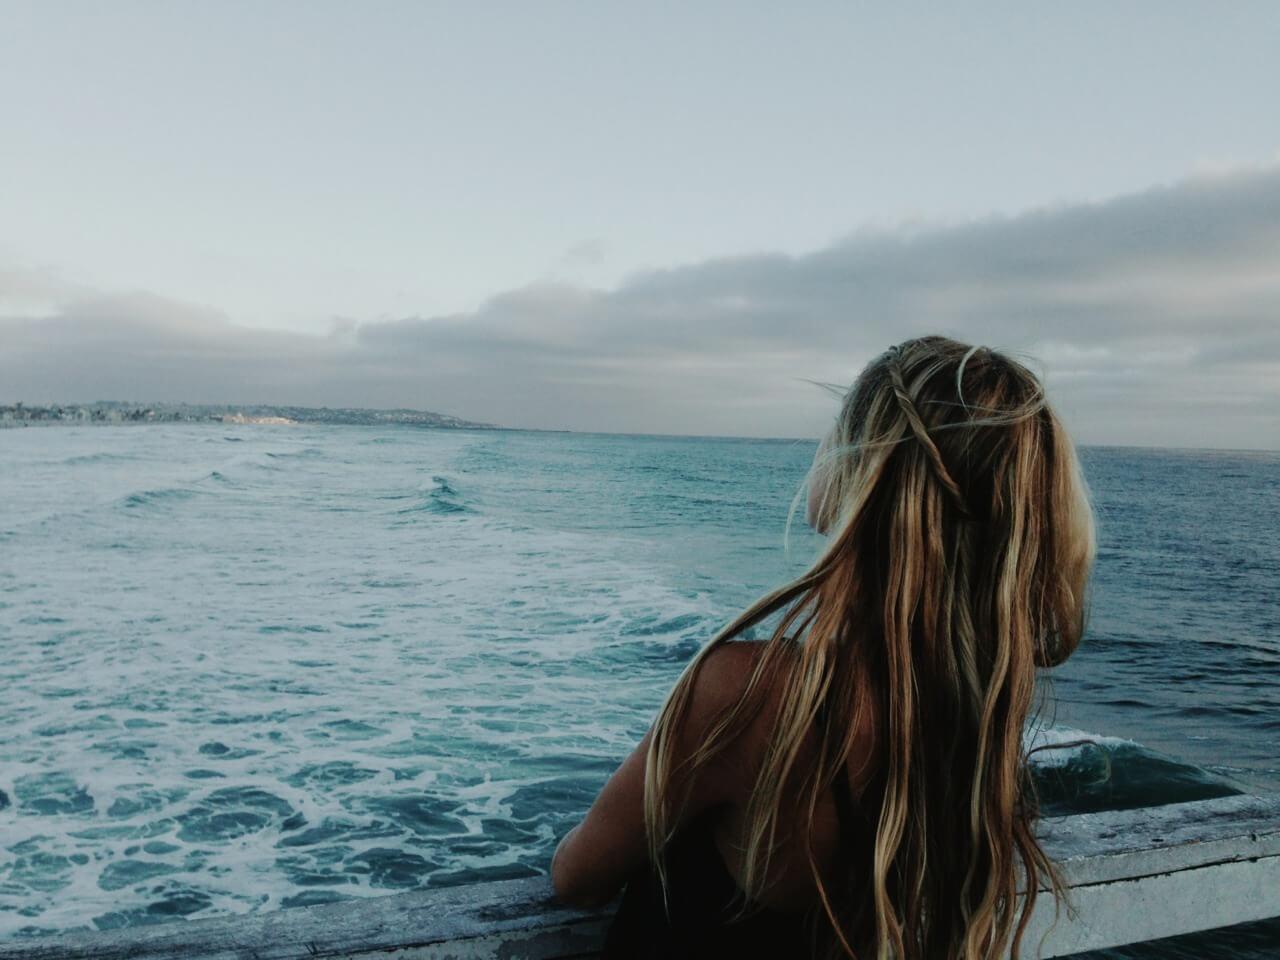 Девушка на море фотографии на аву без лица (18)